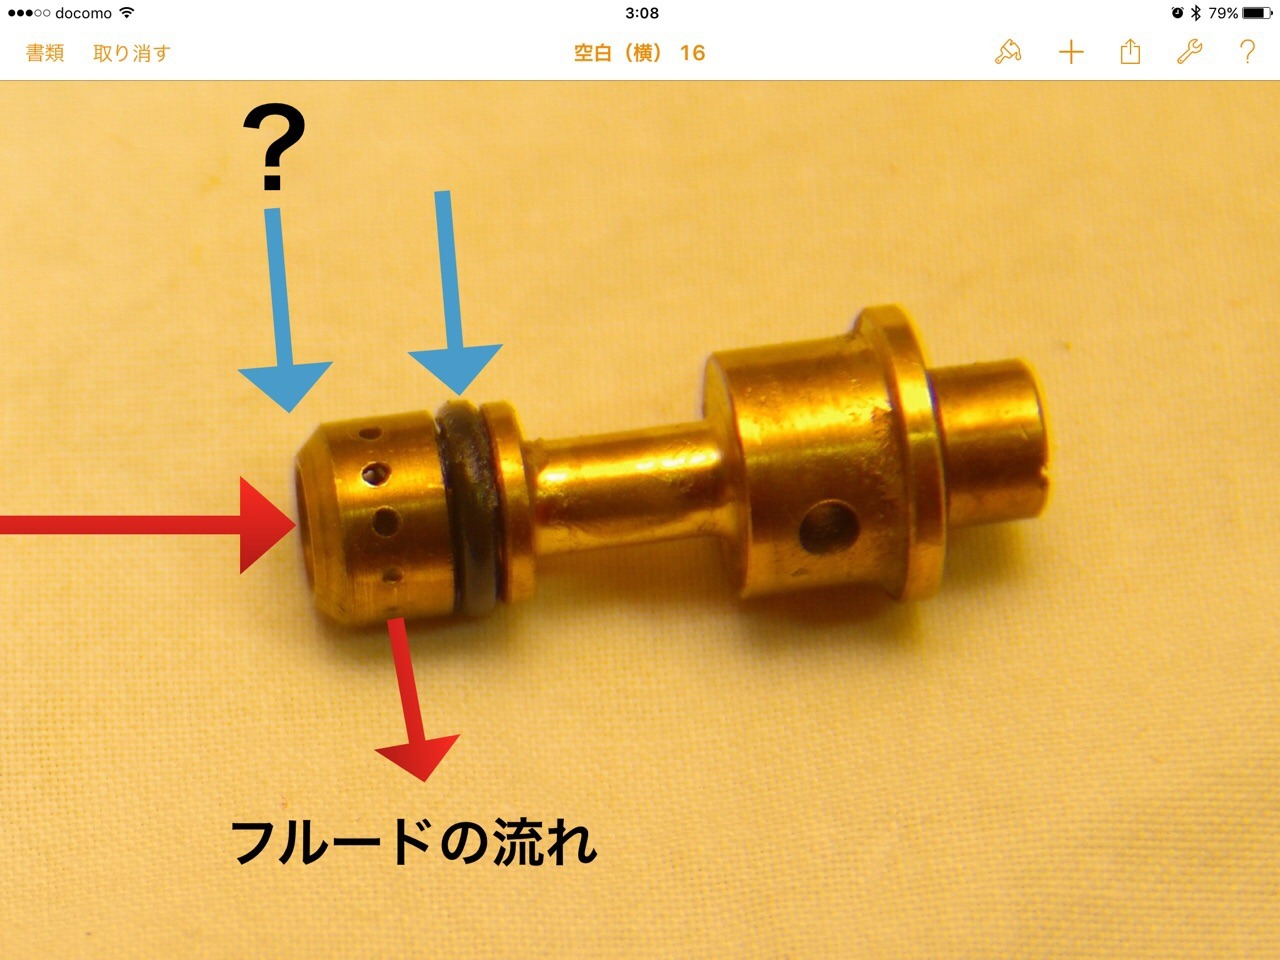 【DB7】リアダンパー組立(その2)_e0159646_3104867.jpg